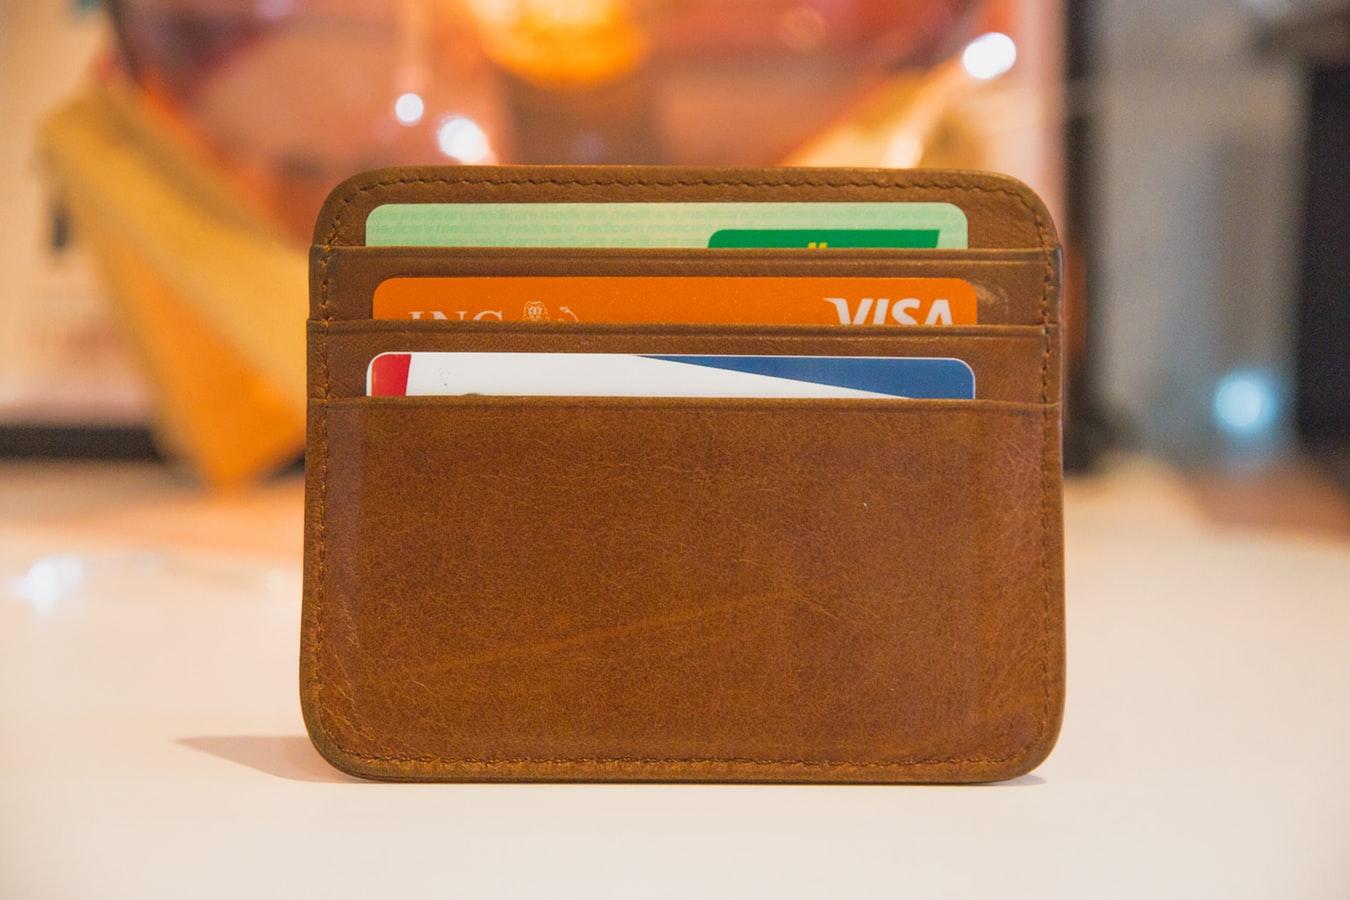 Des cartes bancaires dans un portefeuille.